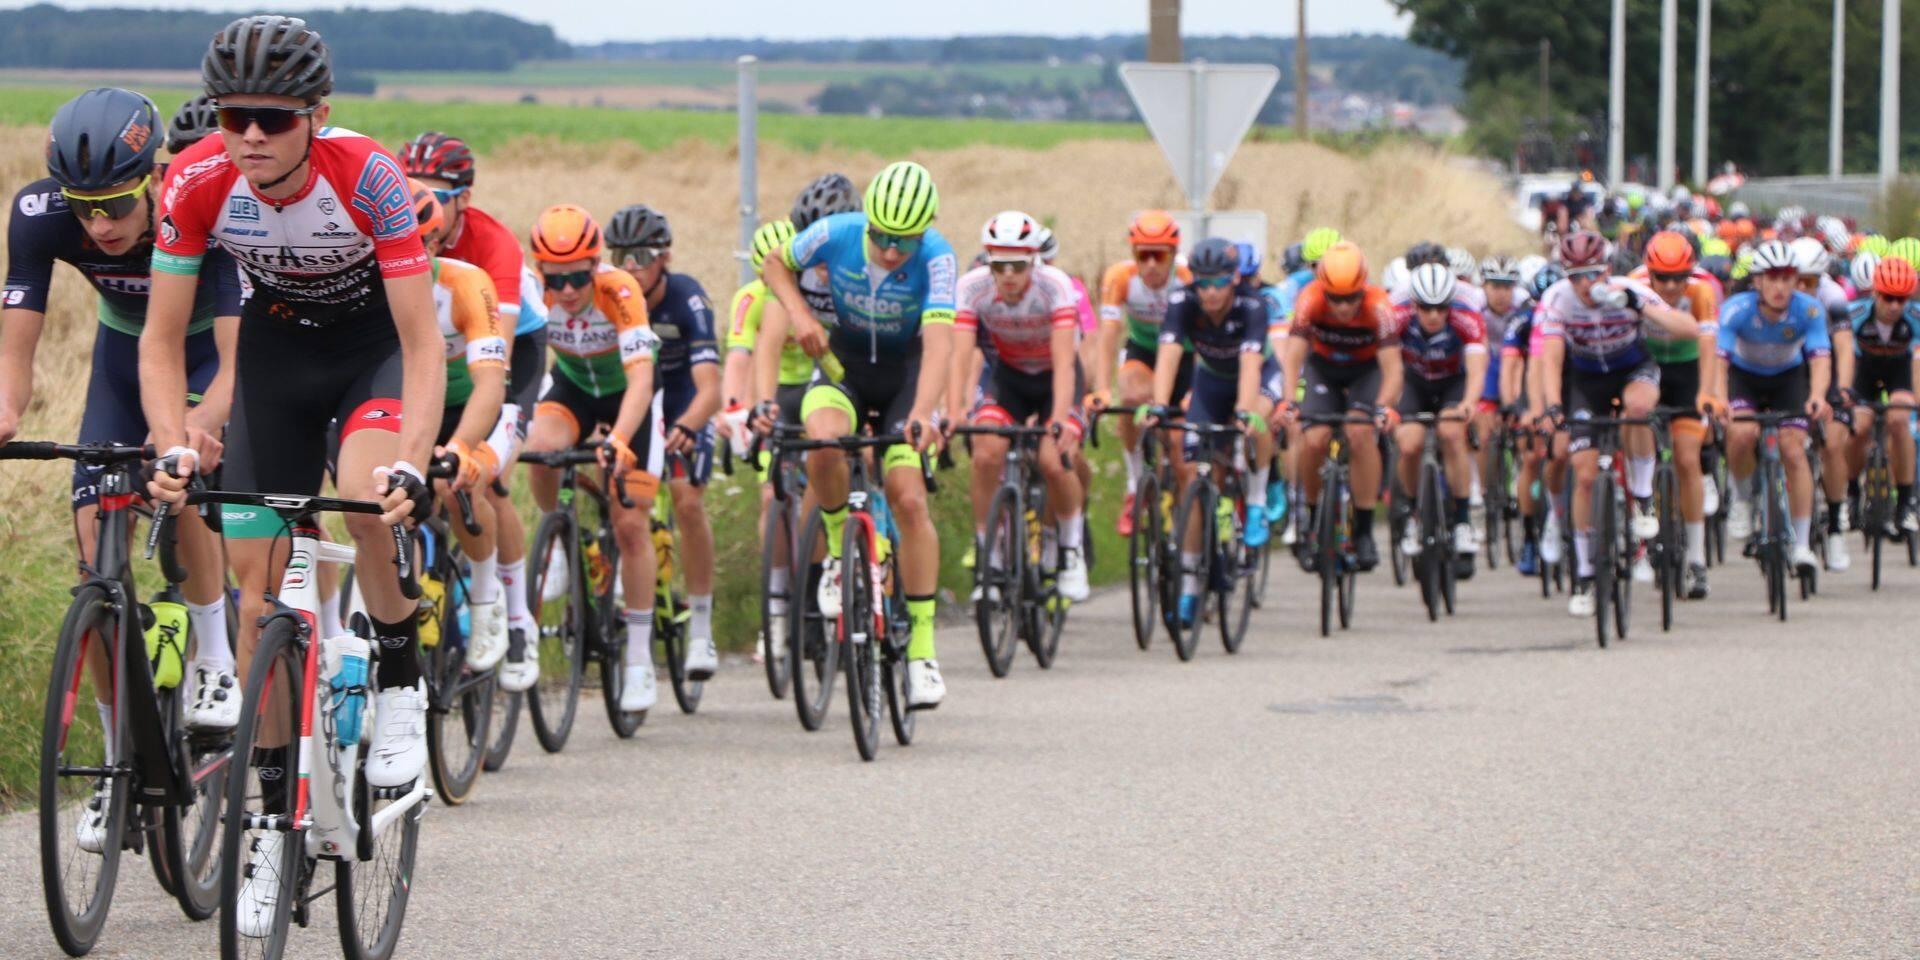 Les étapes du Tour de Liège 2022